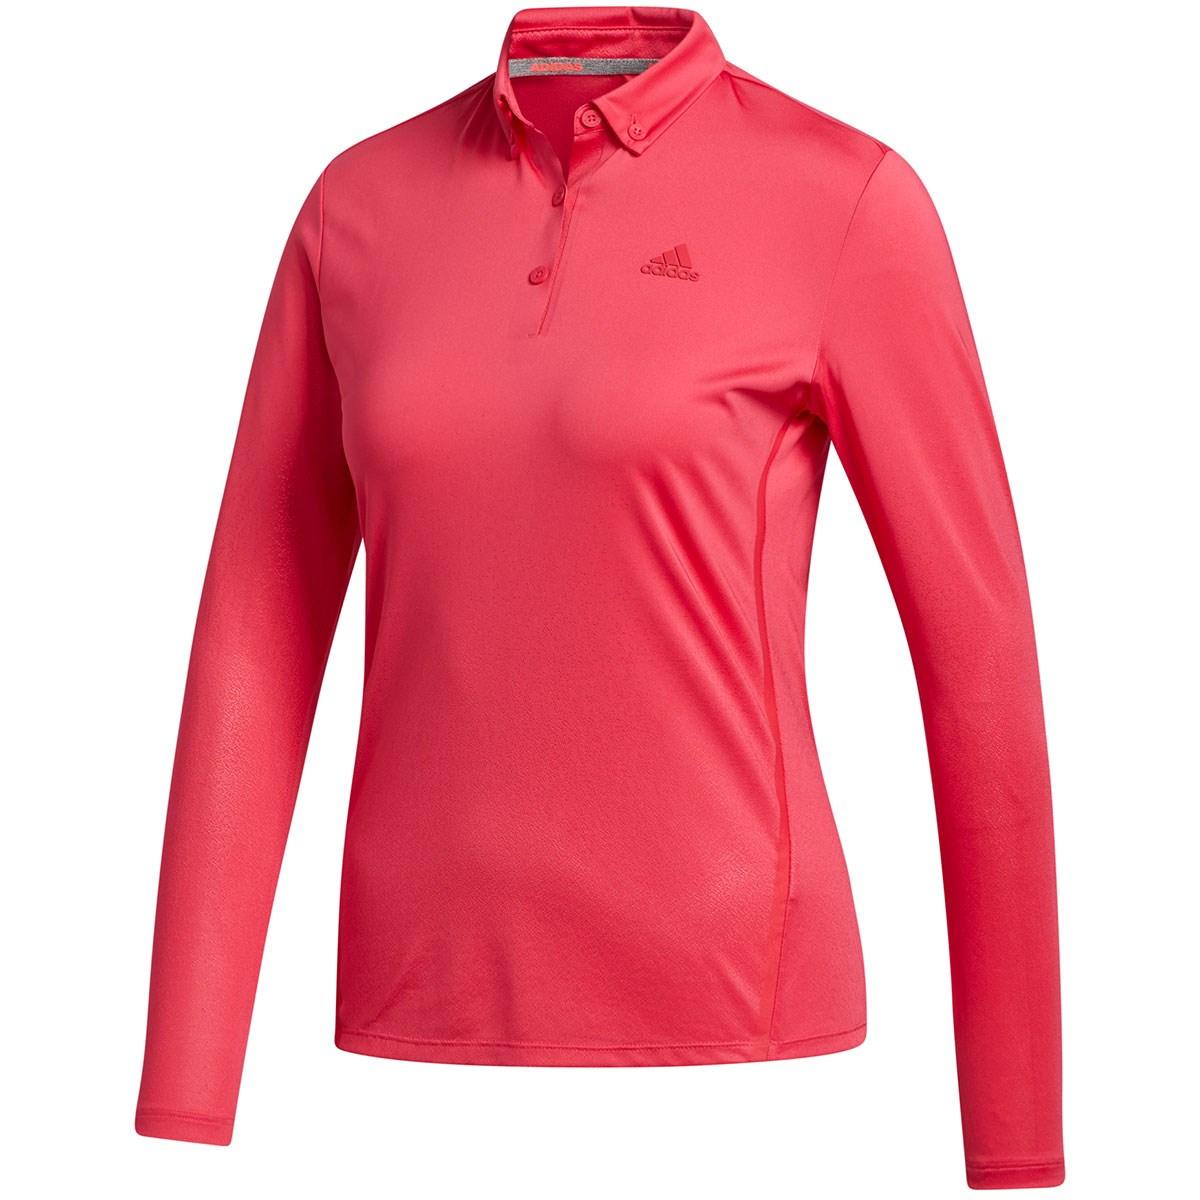 アディダス Adidas グラデーション ストレッチ長袖ボタンダウンポロシャツ J/S パワーピンク レディス